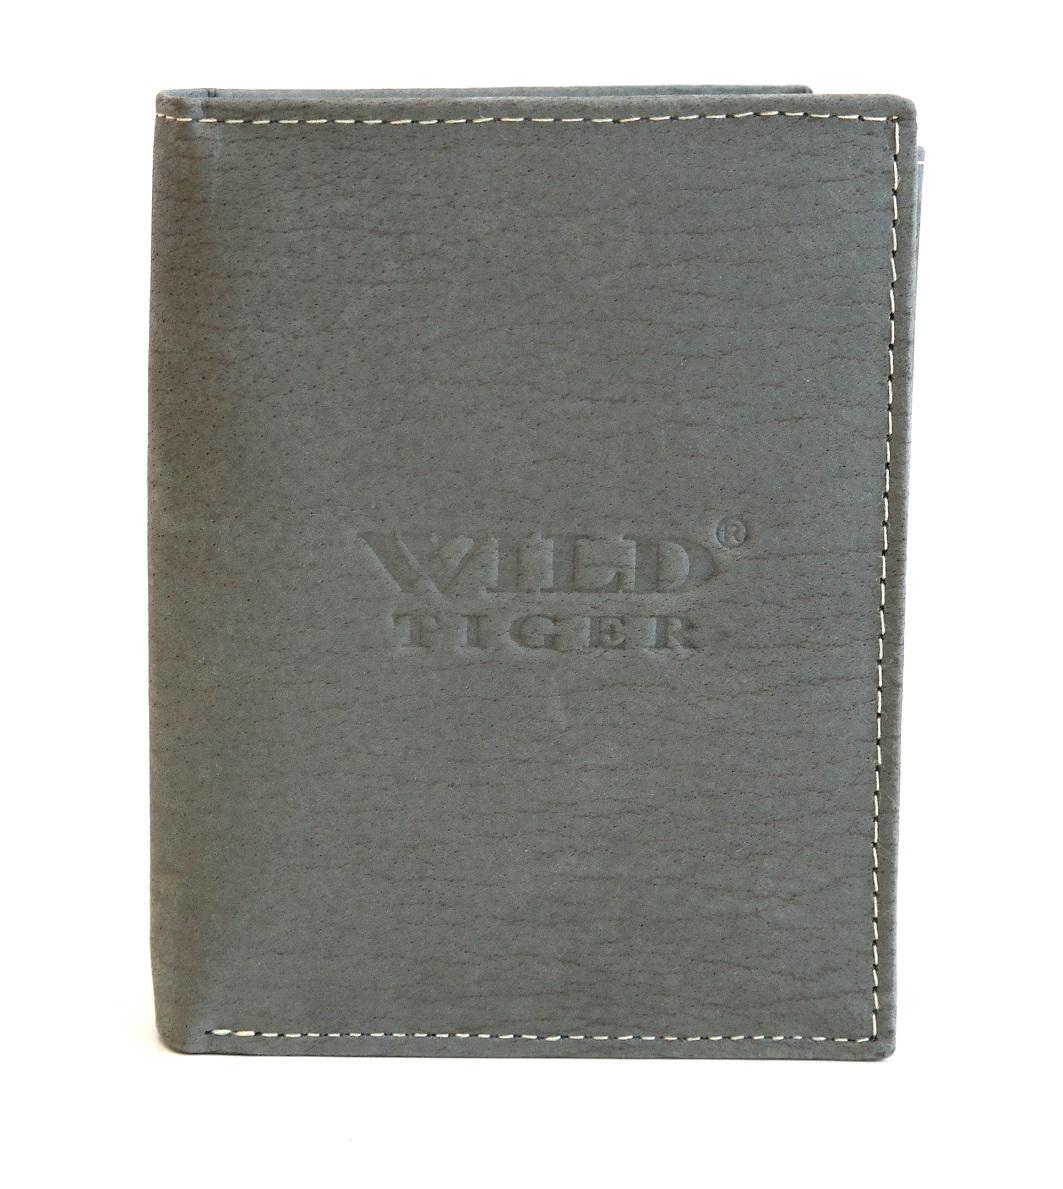 Kožená pánská peněženka Wild Tiger šedá